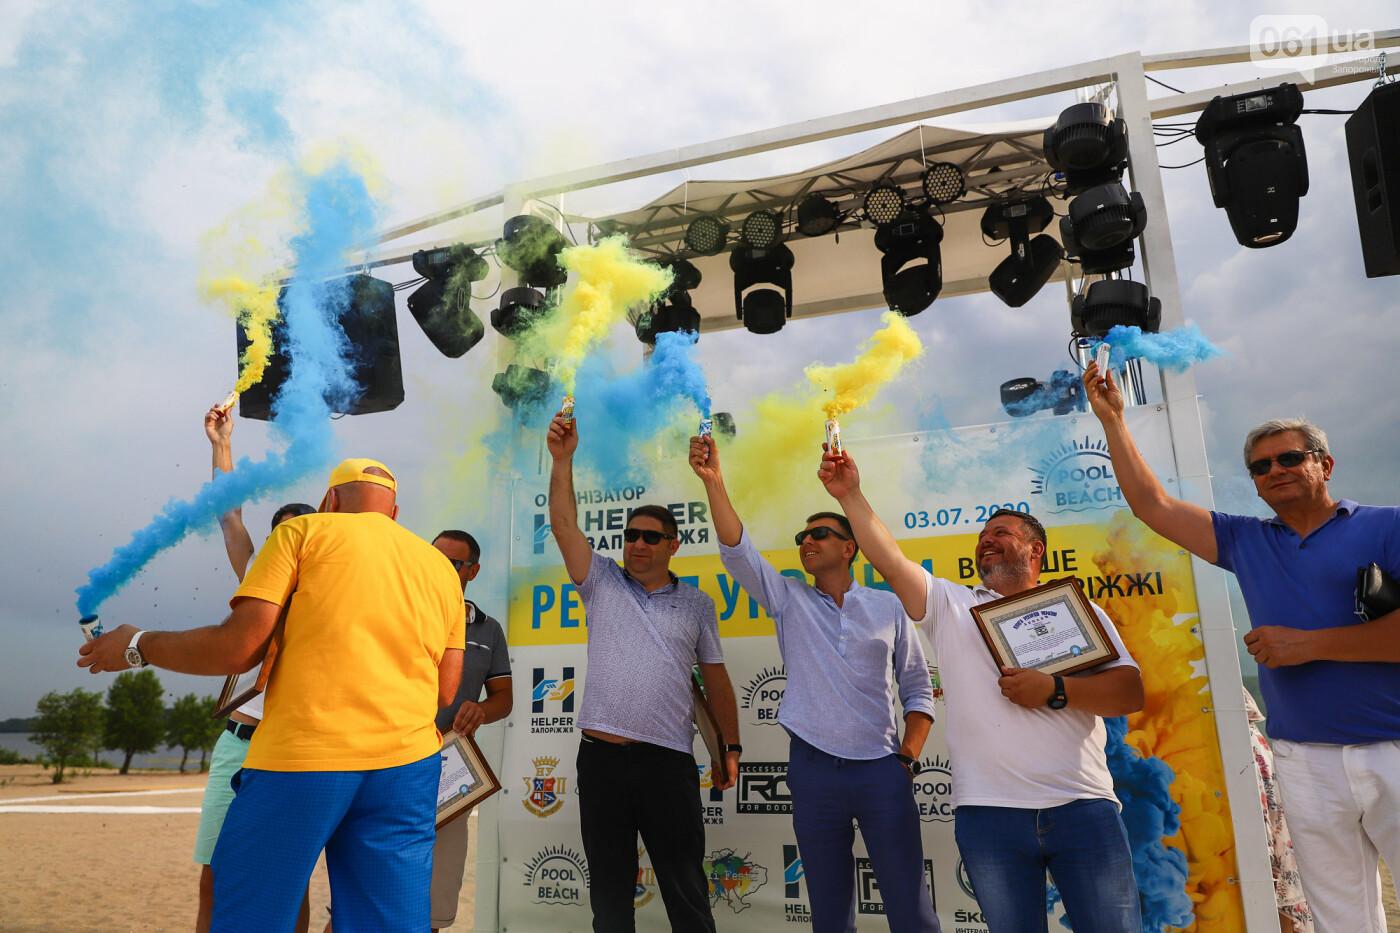 На пляже в Запорожье зажгли желто-синие дымовые шашки и установили рекорд Украины, - ФОТОРЕПОРТАЖ, фото-27